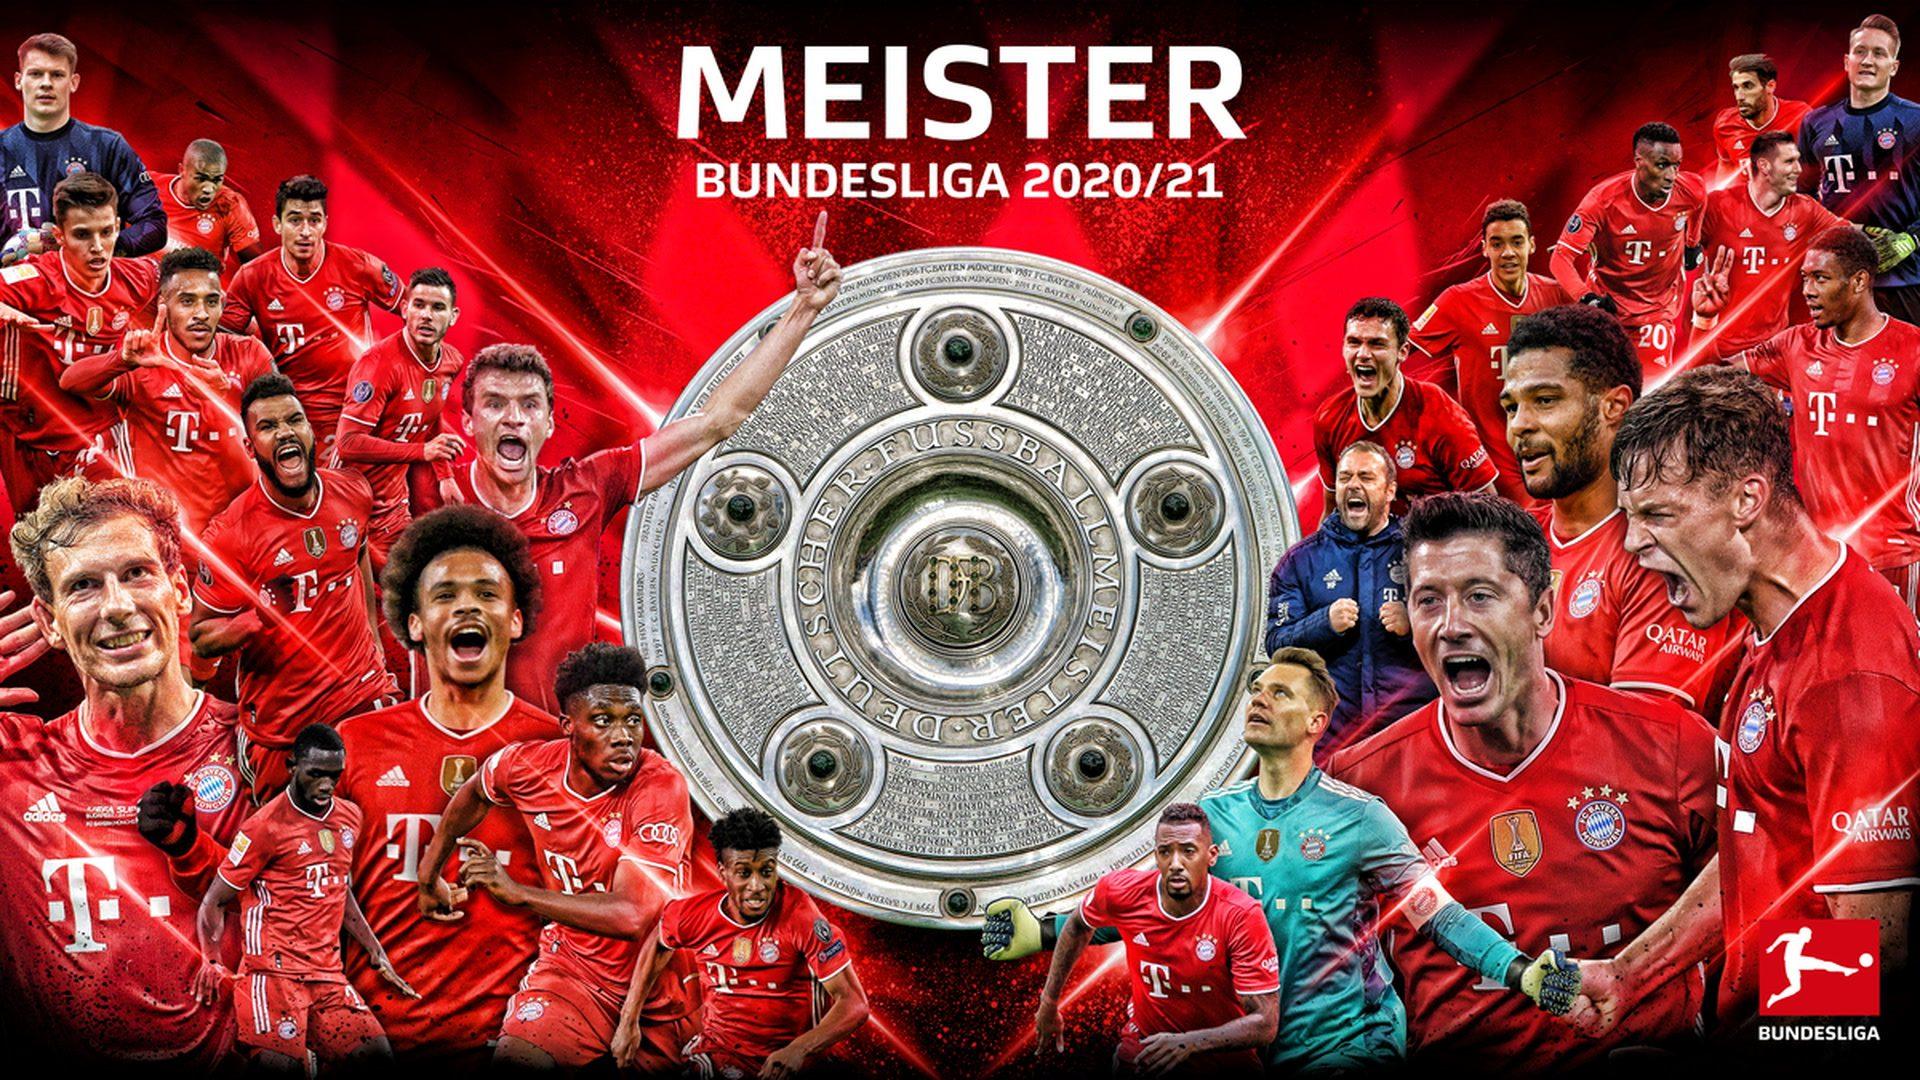 Zahlen und Fakten zur Meistersaison des FC Bayern